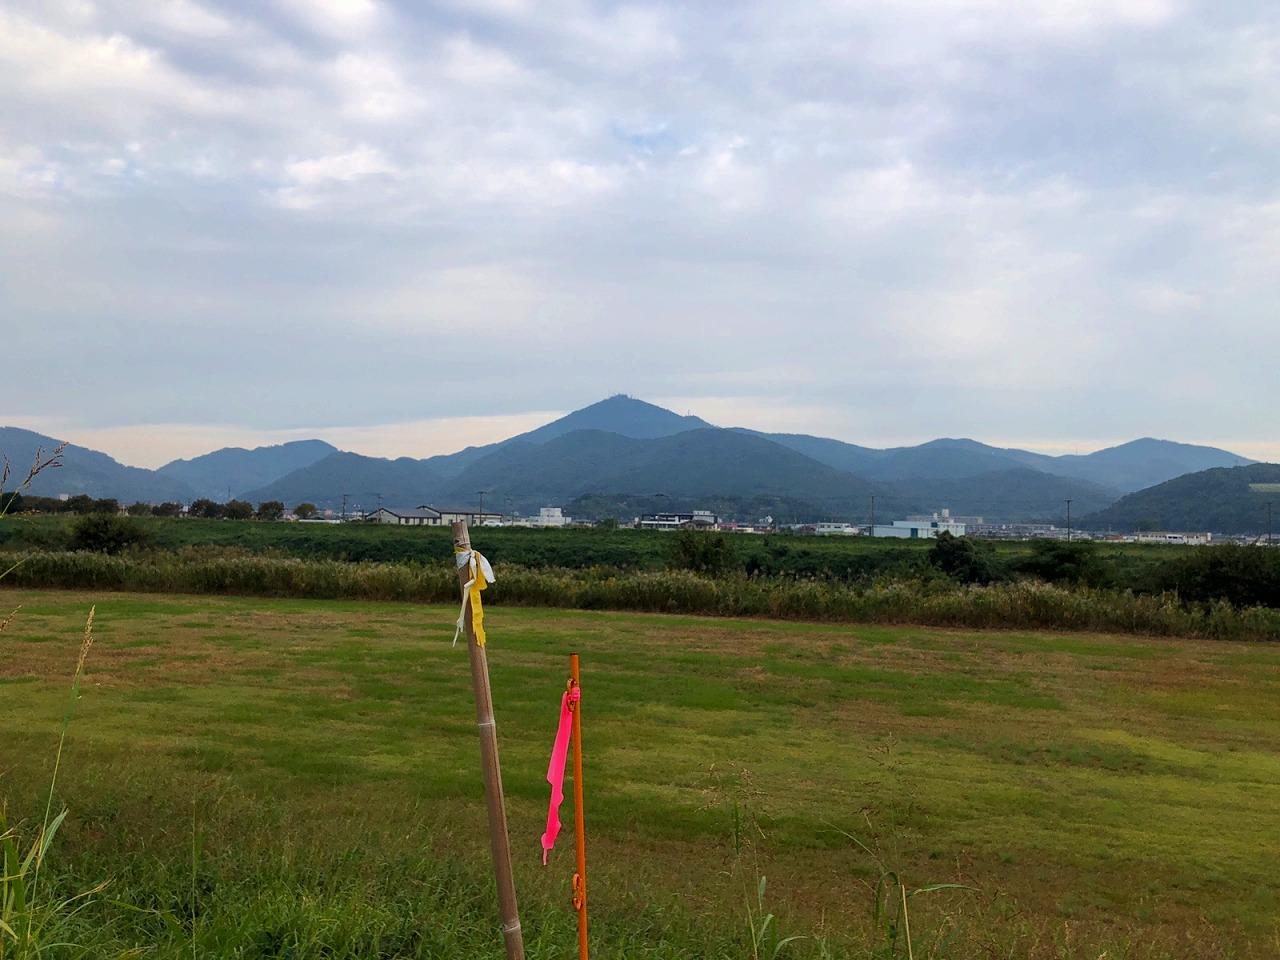 2018年10月16日 今朝の金峰山です。